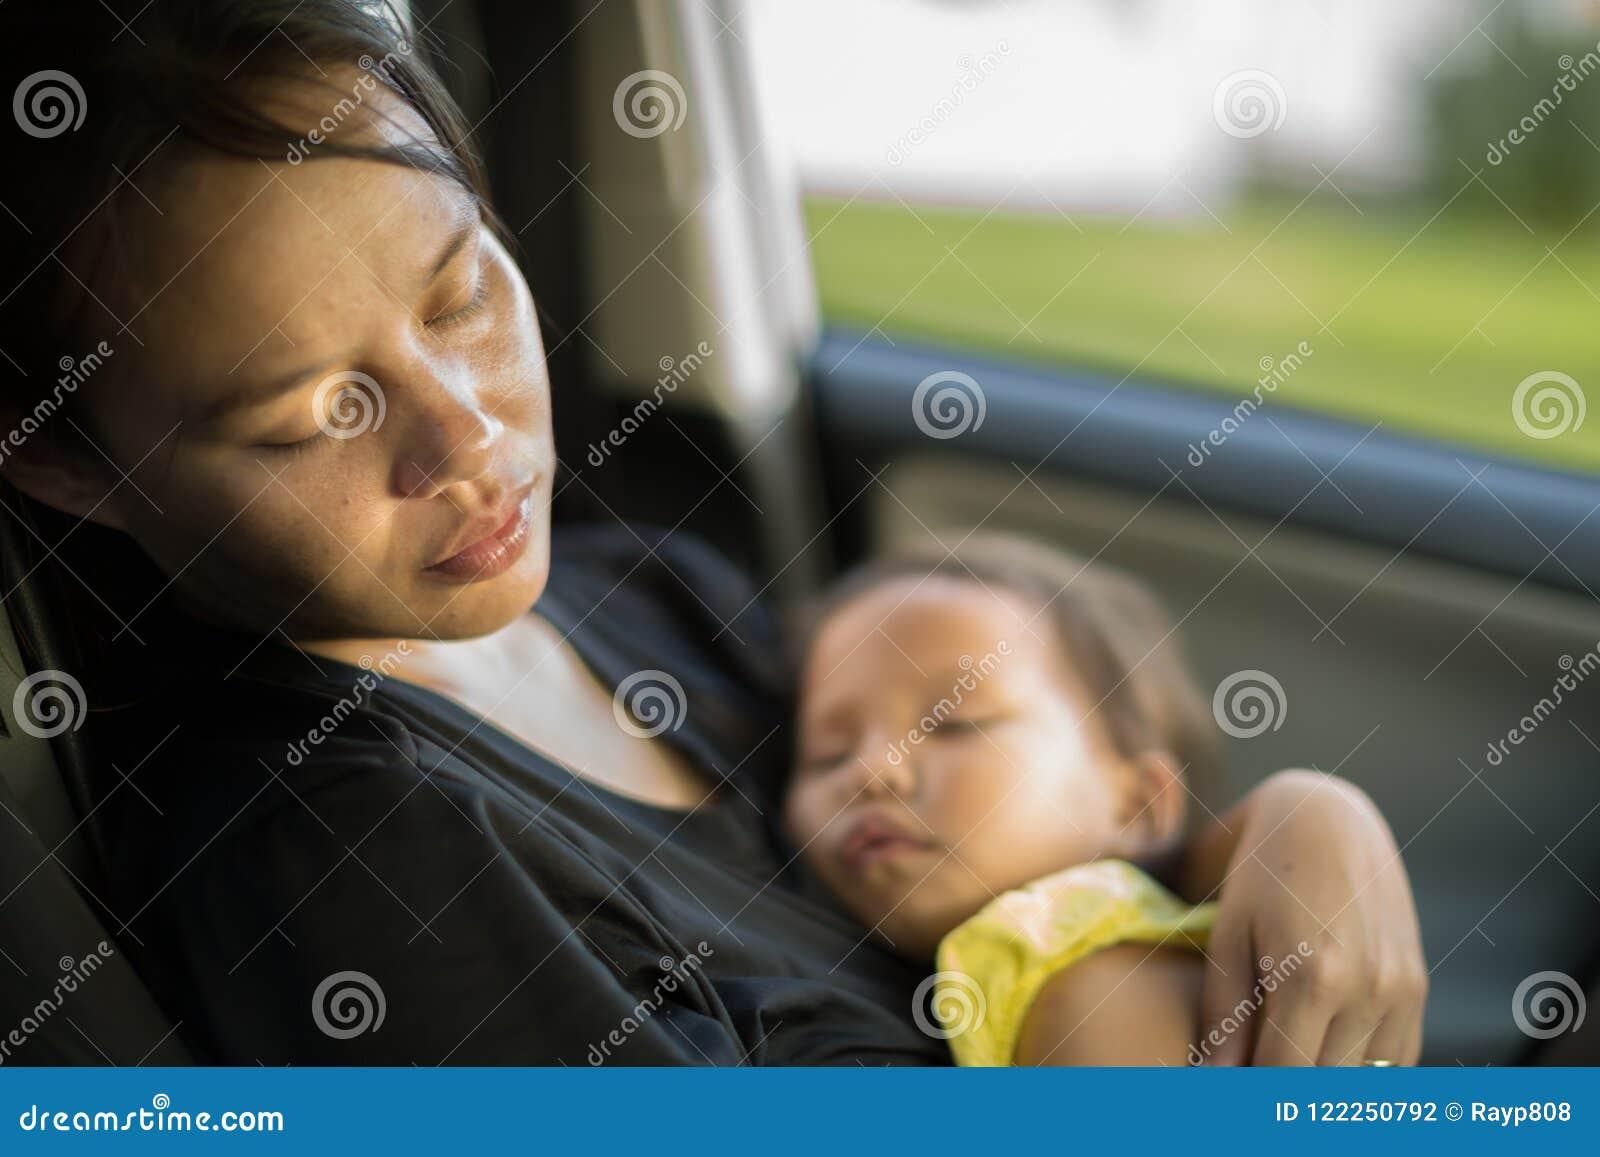 Κουρασμένη και εξαντλημένη μητέρα που φροντίζει το μωρό της Κατάθλιψη Postpardum